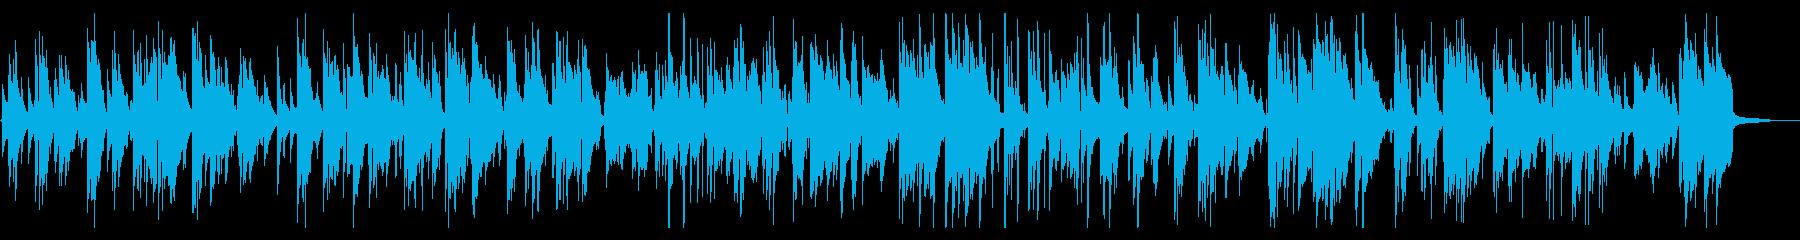 夜のラウンジで流れるおしゃれなジャズ音源の再生済みの波形